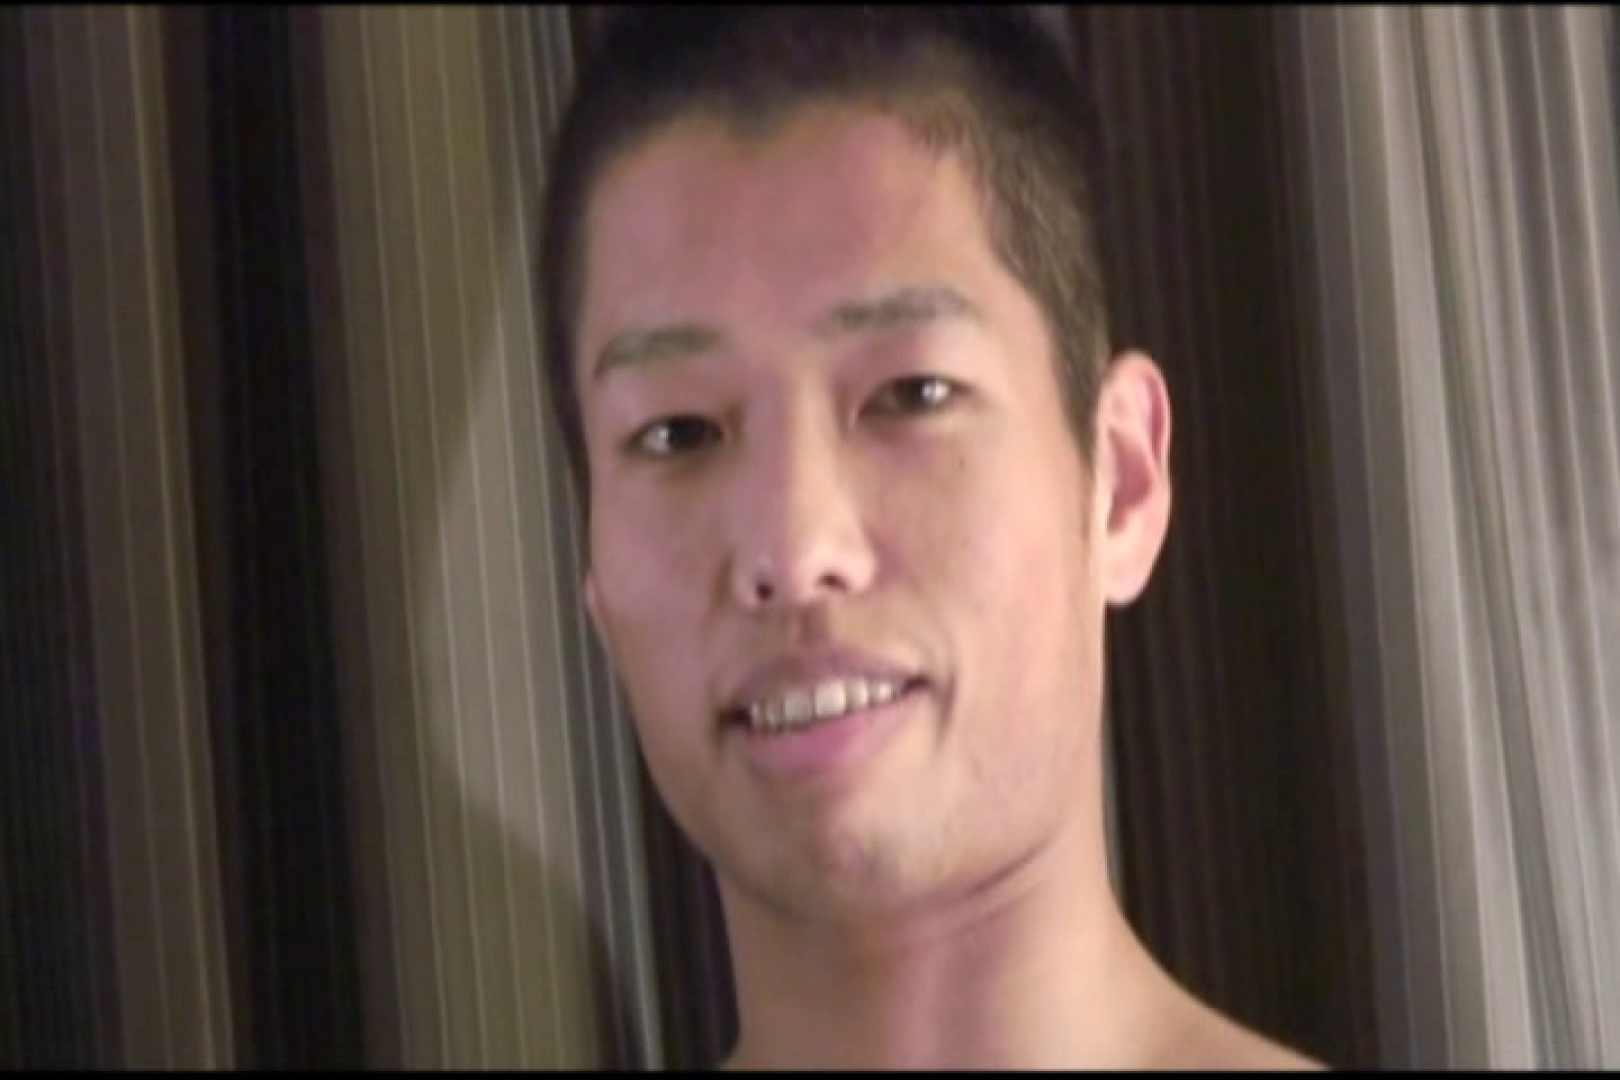 アヘ顔が最高!アナル中毒VOL.02 男  78pic 19